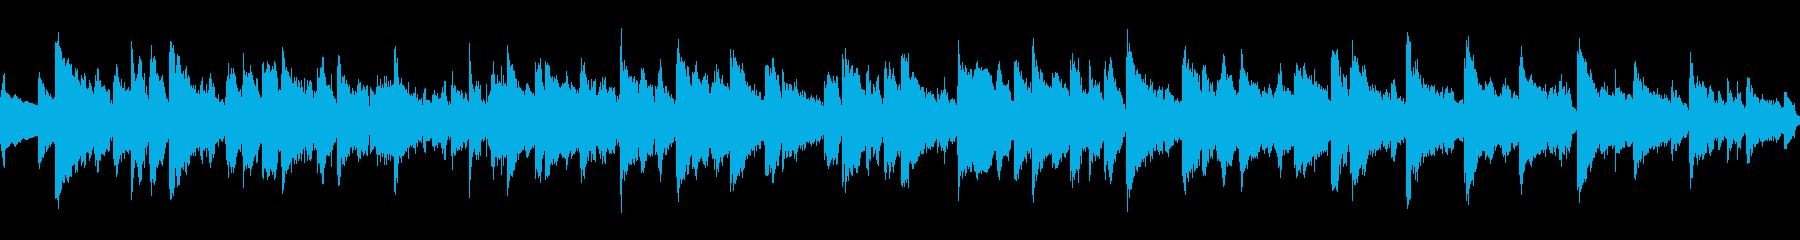 ジャズ ギターバラード ループ 生演奏の再生済みの波形